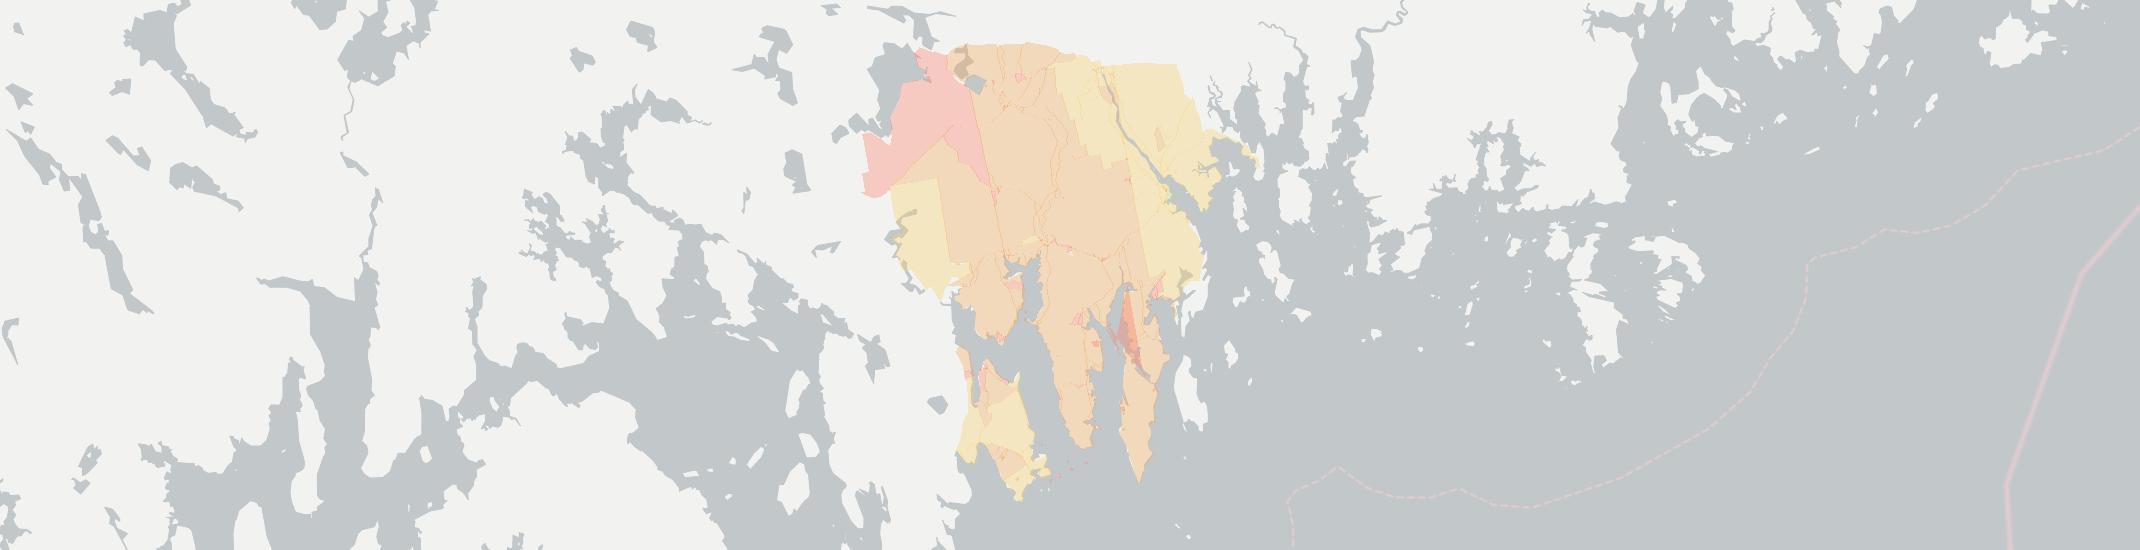 Steuben Maine Map.Internet Providers In Steuben Me Compare 8 Providers